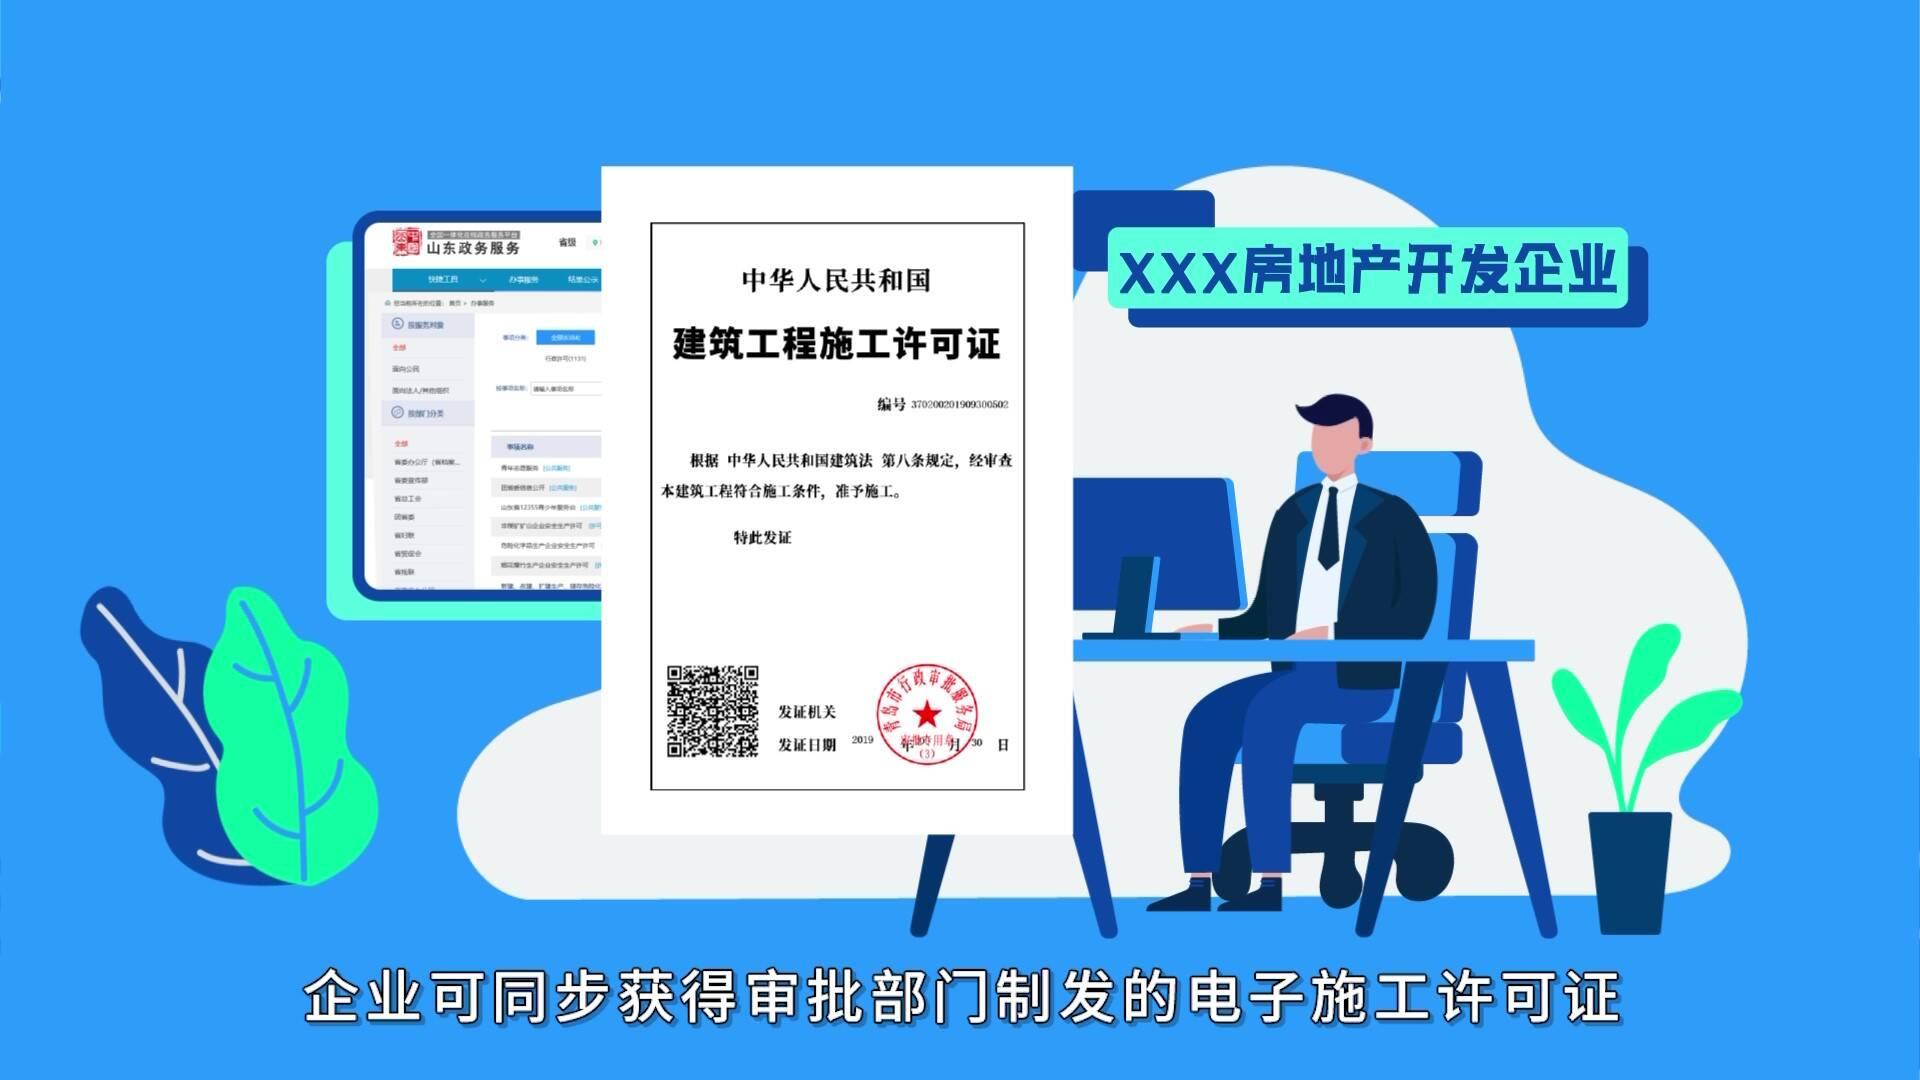 青岛发放全省首张新版建筑工程施工许可电子证照